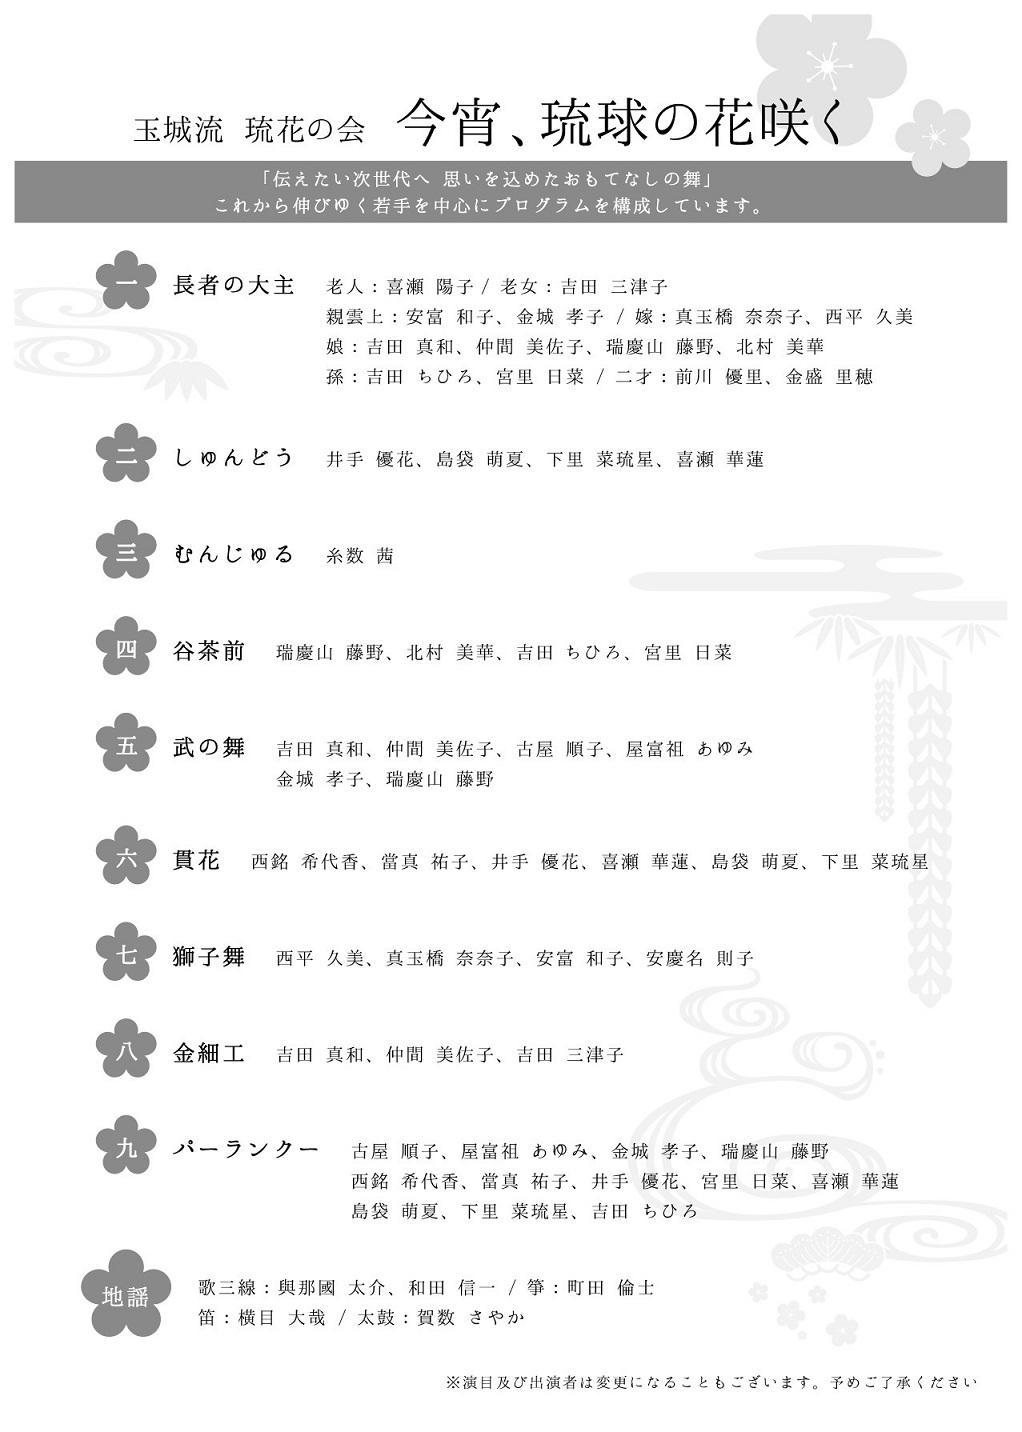 http://okicul-pr.jp/kariyushi/schedule/1c8894277ee36e29b9dda90dabc2b36894f4eb9f.JPG